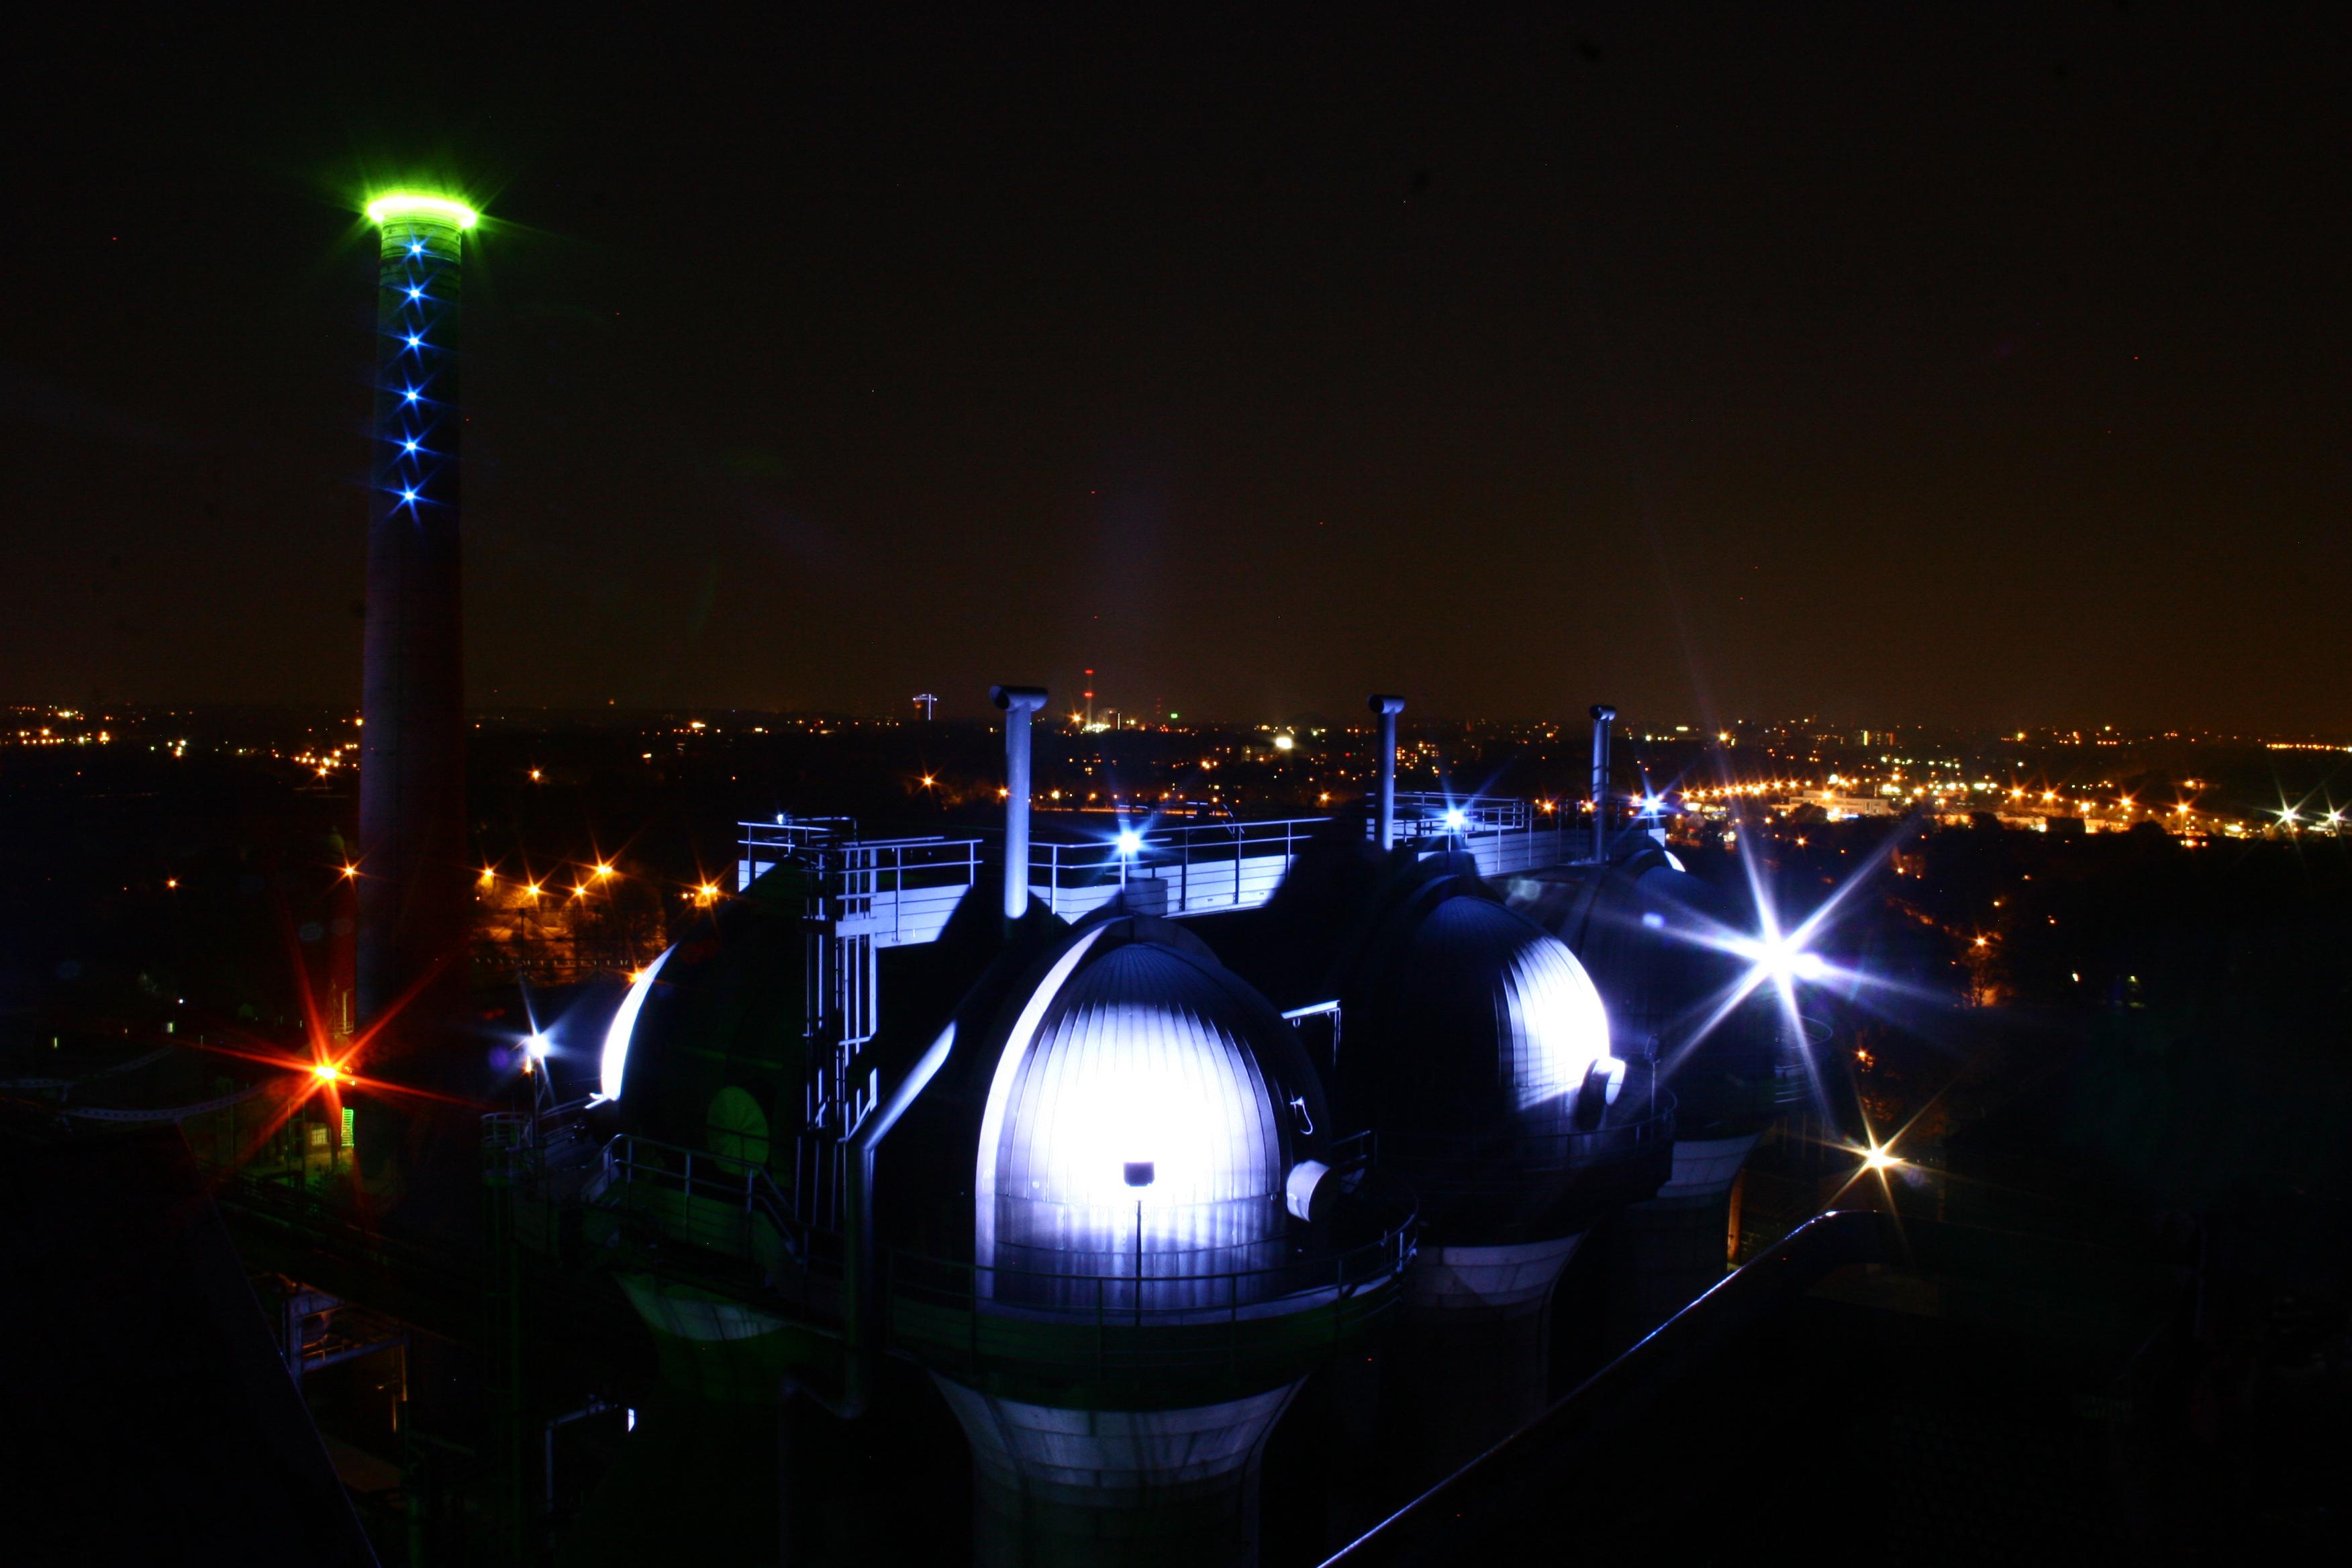 Panoramablick auf das Ruhrgebiet vom Landschaftspark Nord Duisburg